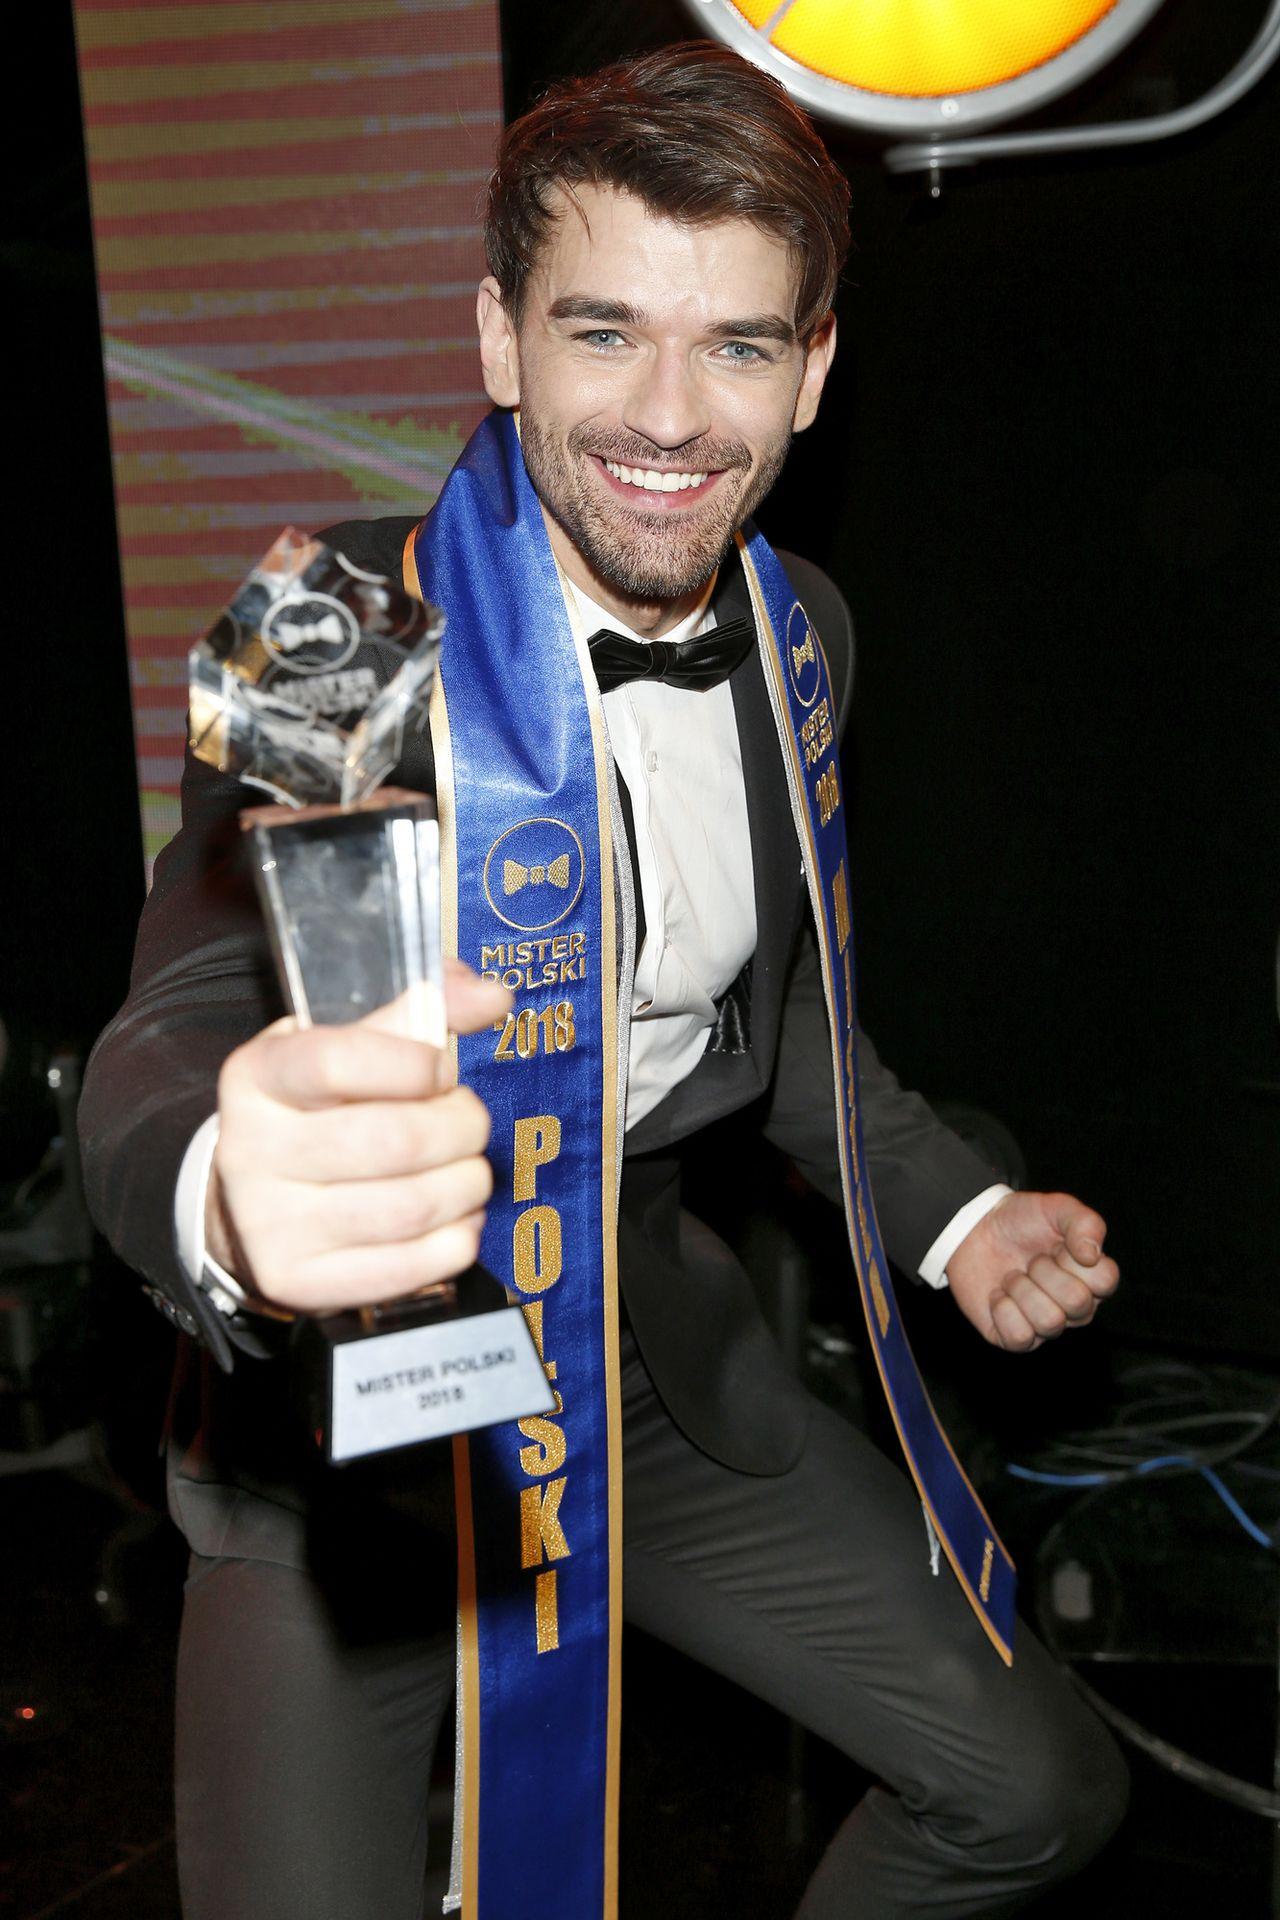 Nowym Misterem Polski 2018 został niebieskooki Tomasz Zarzycki, 26 l., model z Ł